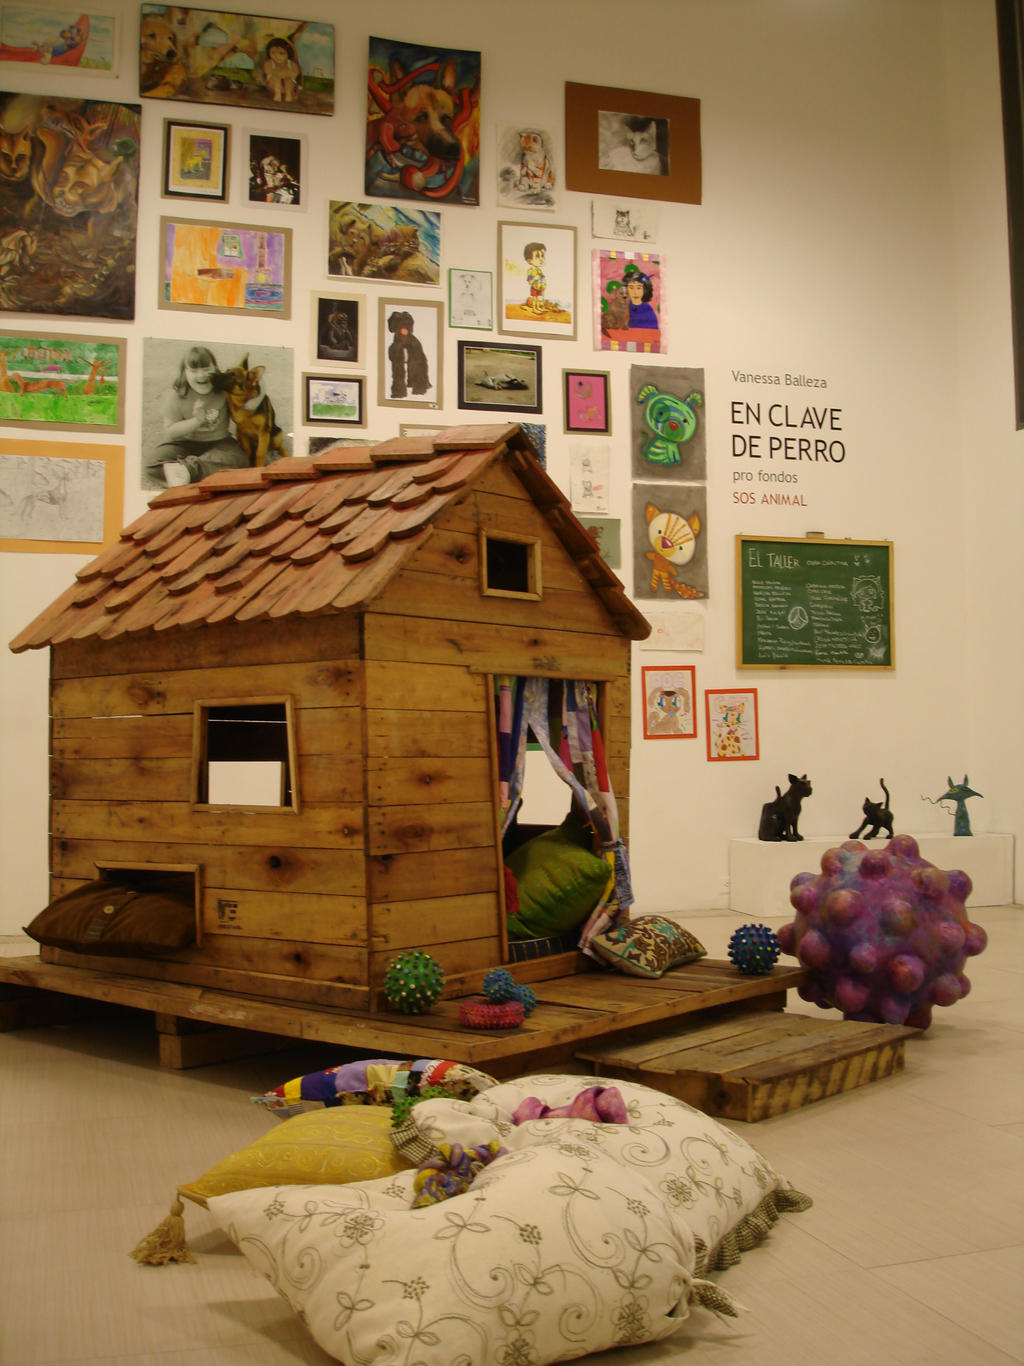 La Casa de Canito by vanessaballeza